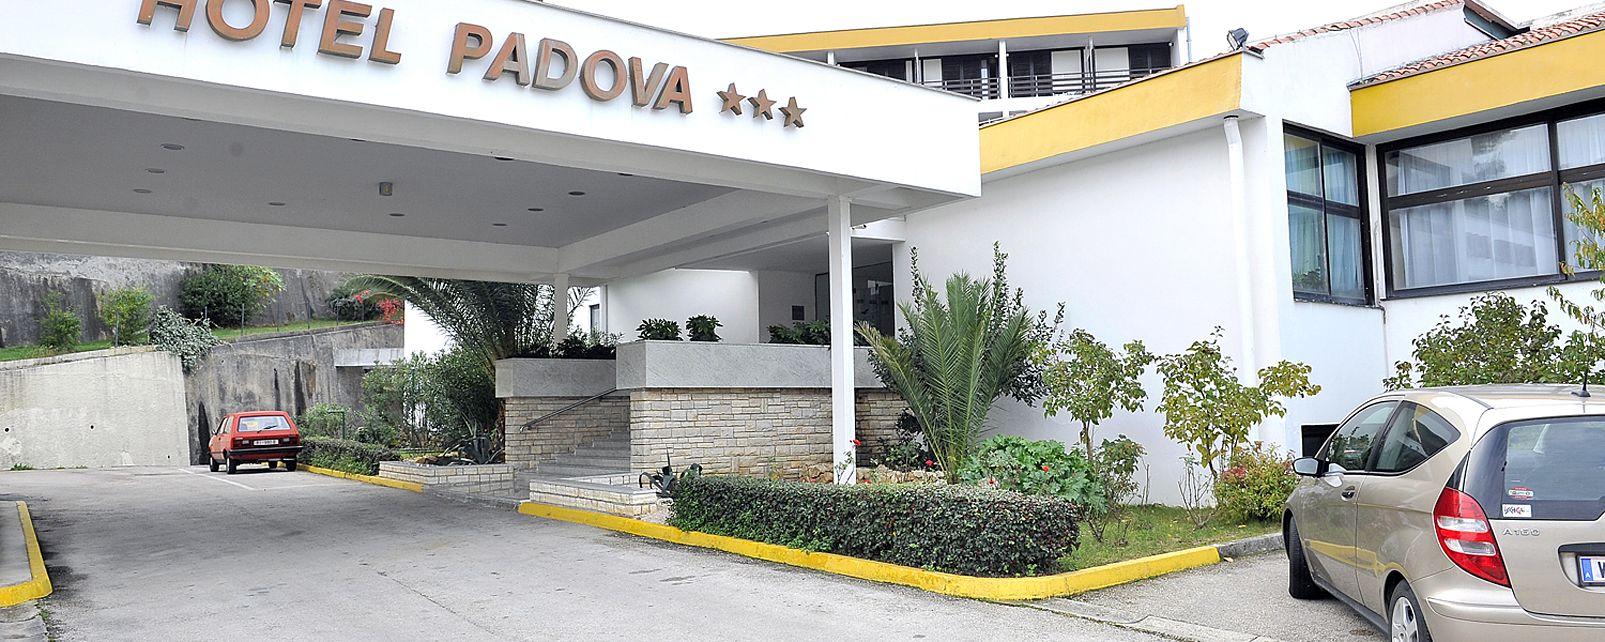 Hôtel Padova